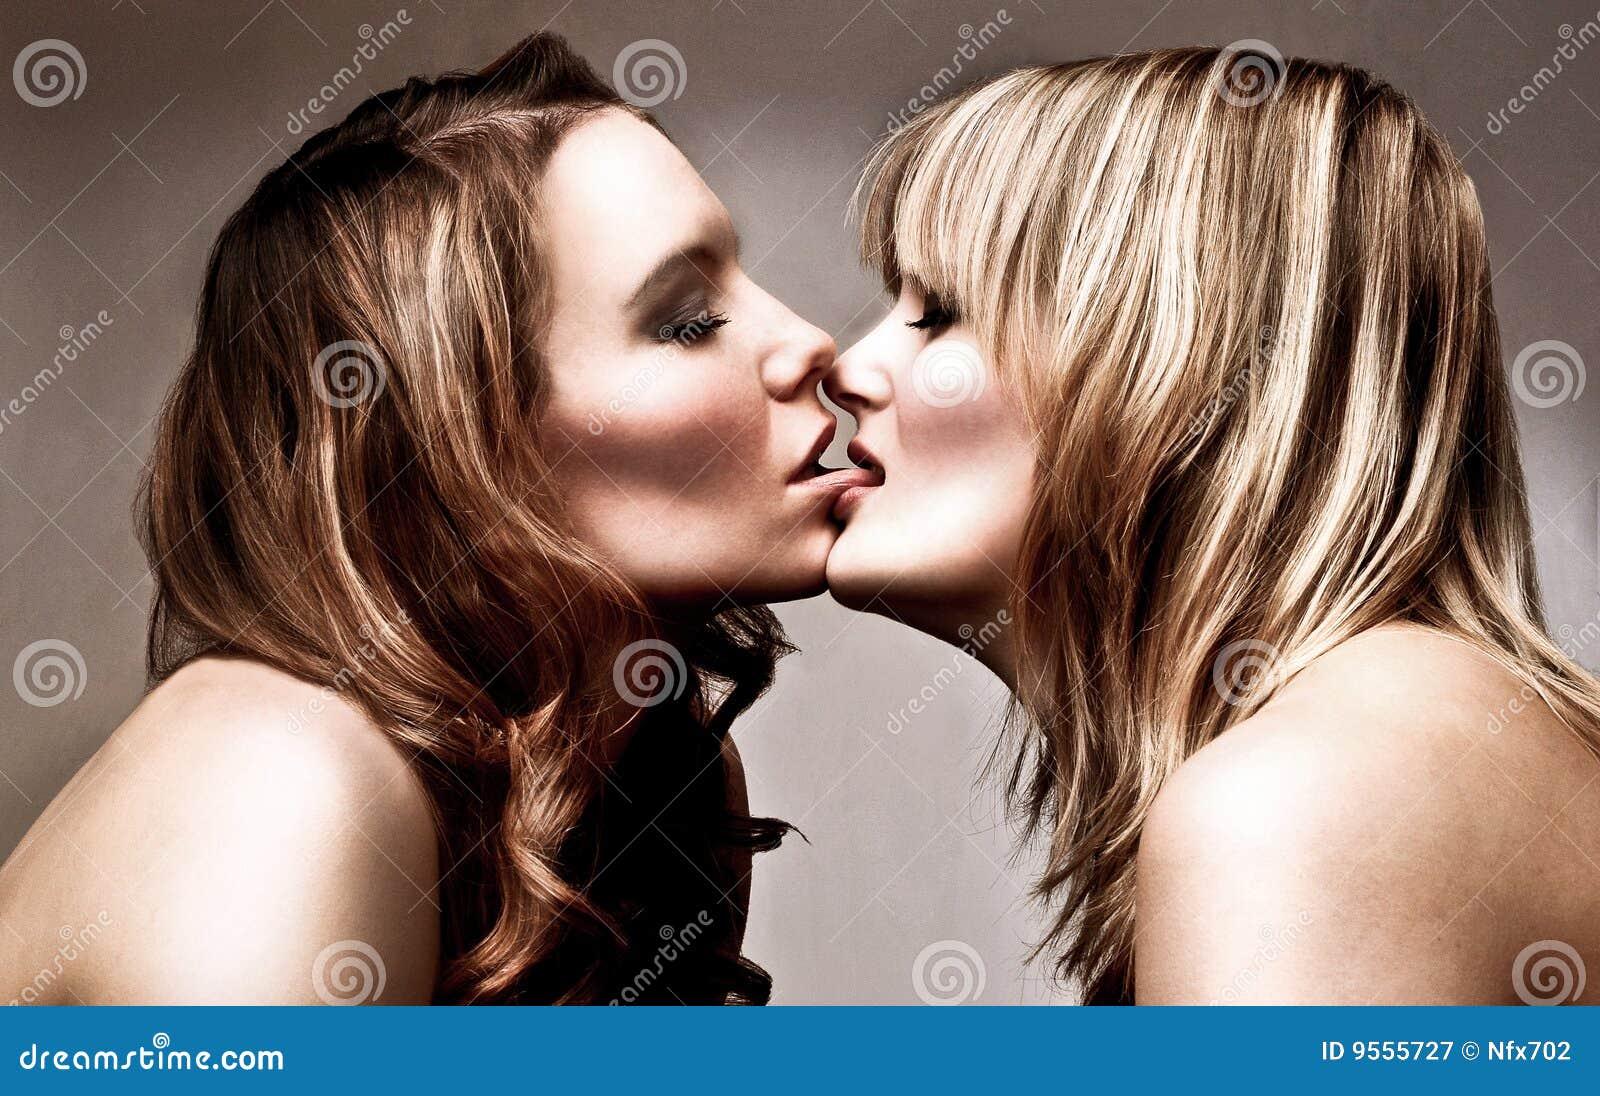 Juego de lesbianas 9 - 1 part 1